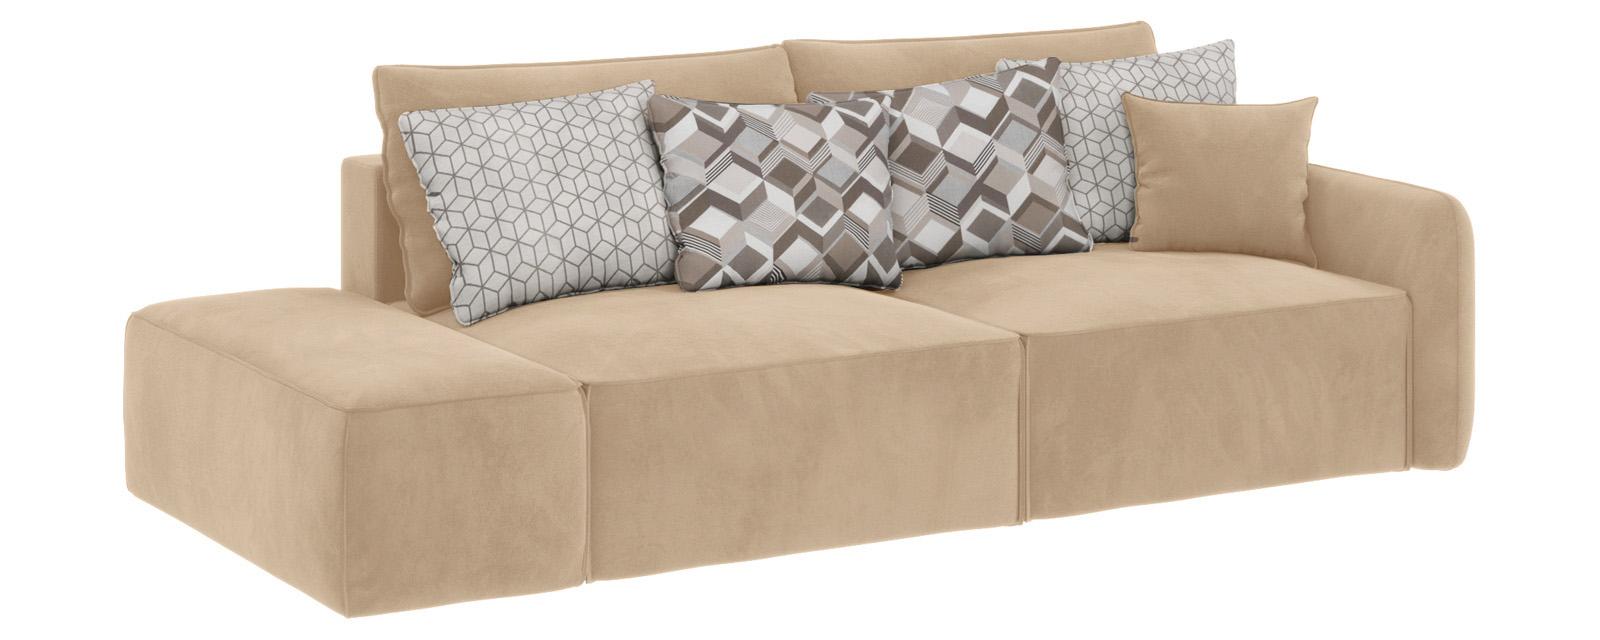 Модульный диван Портленд вариант №2 Soft песочный (Вел-флок, правый)